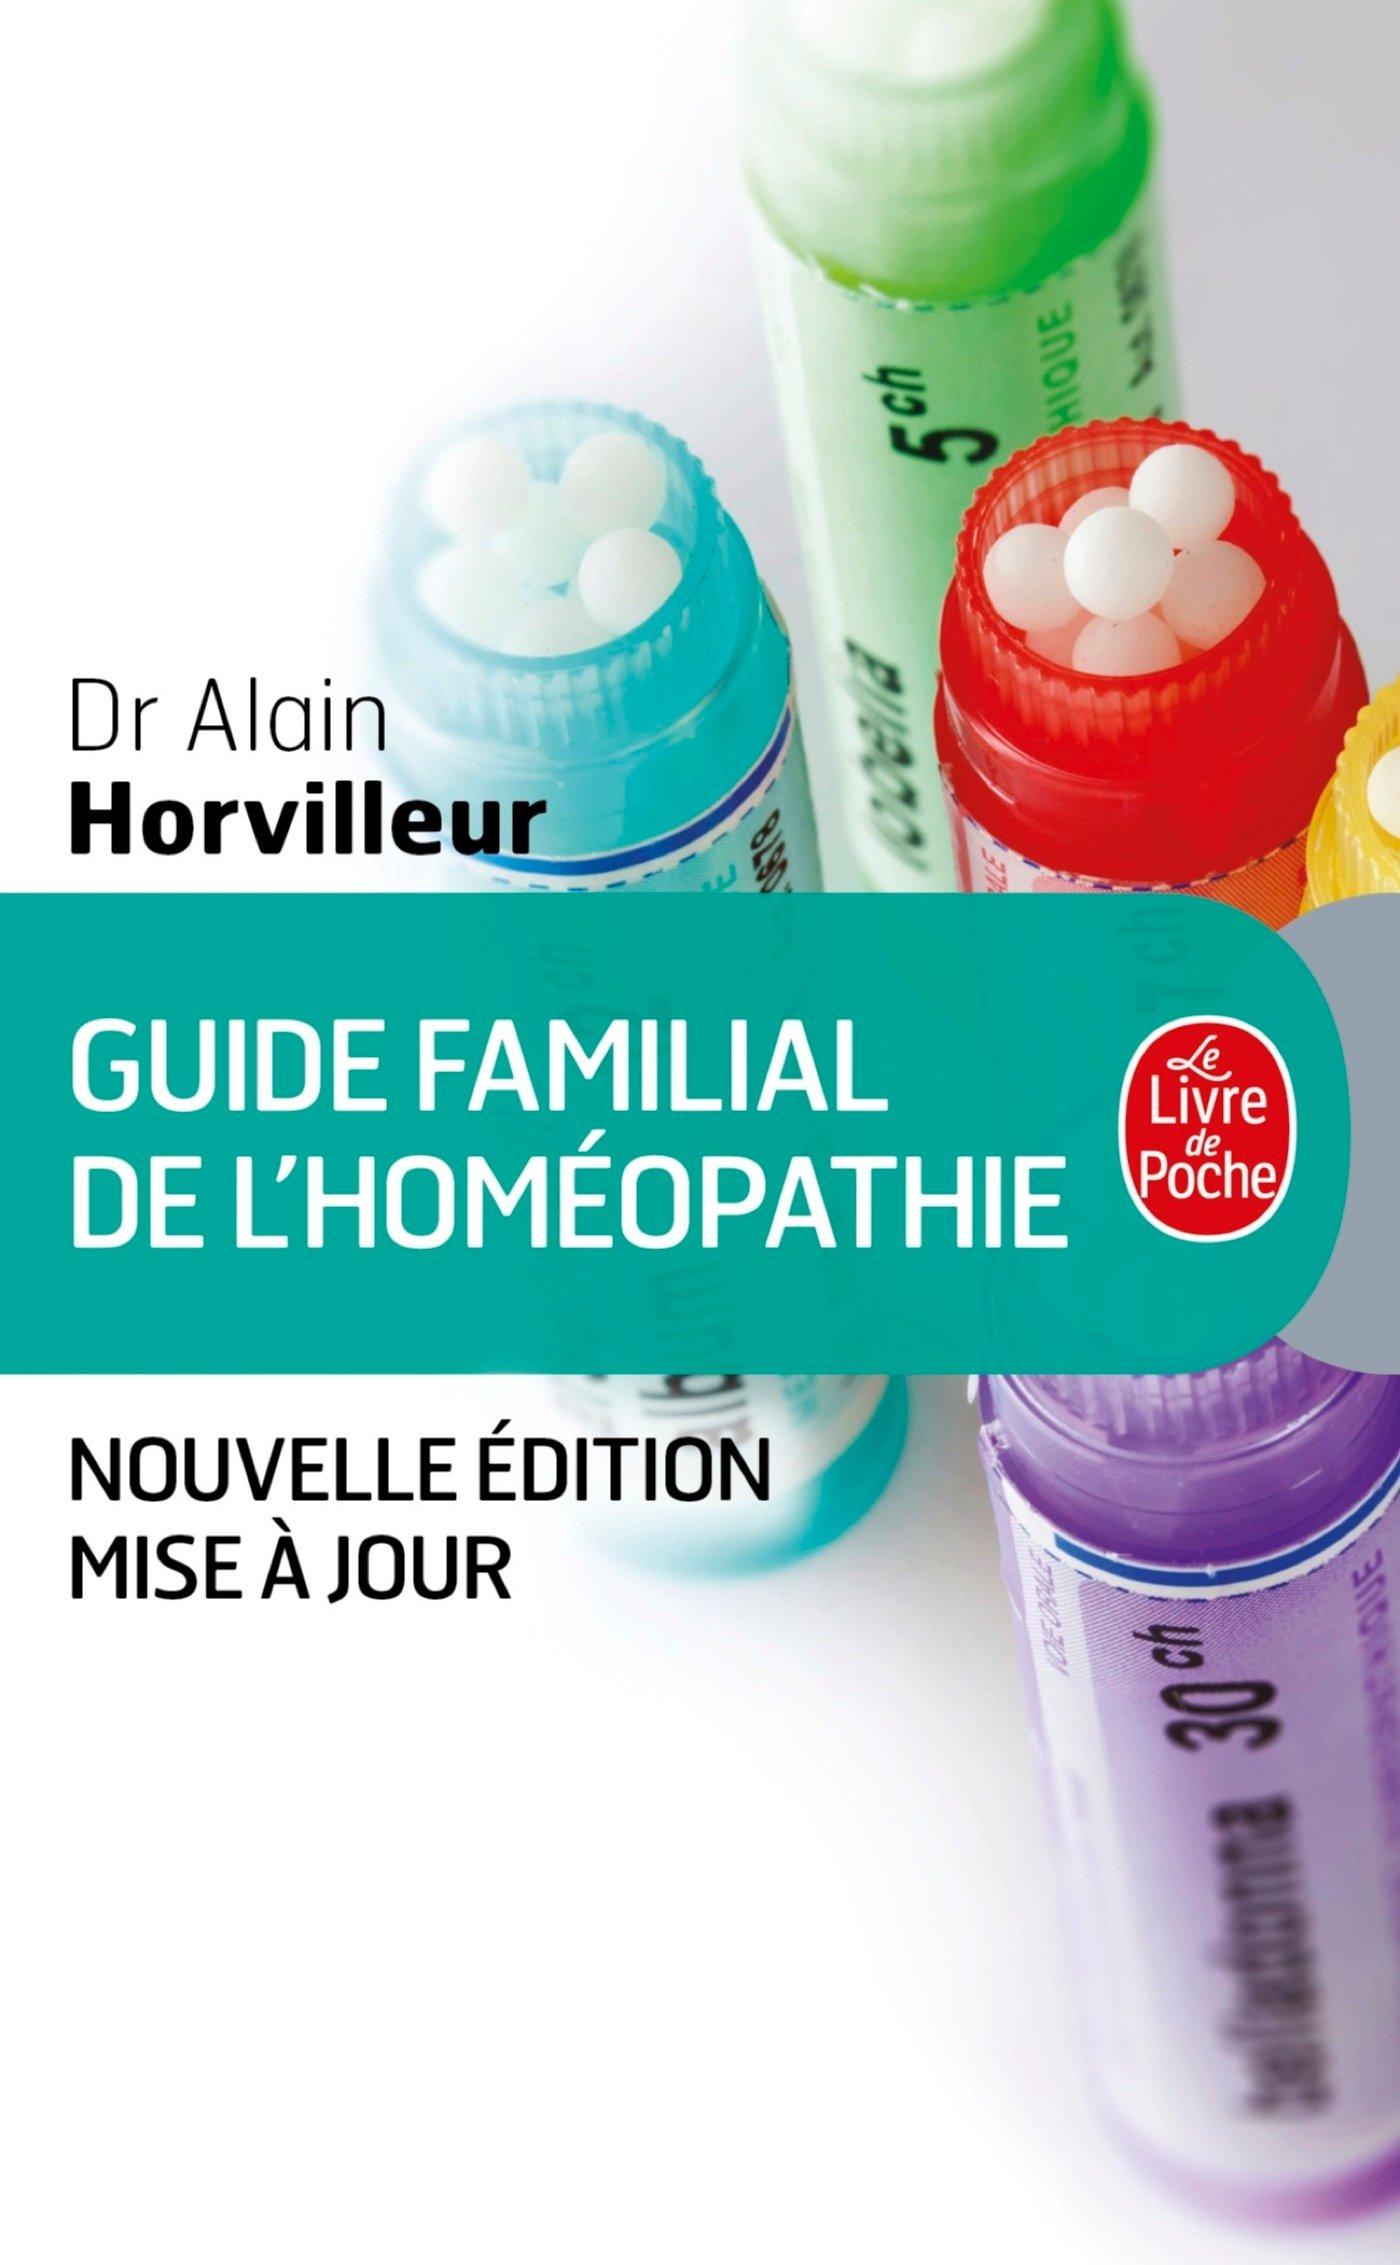 Guide familial de l'homéopathie (Le Livre de Poche)